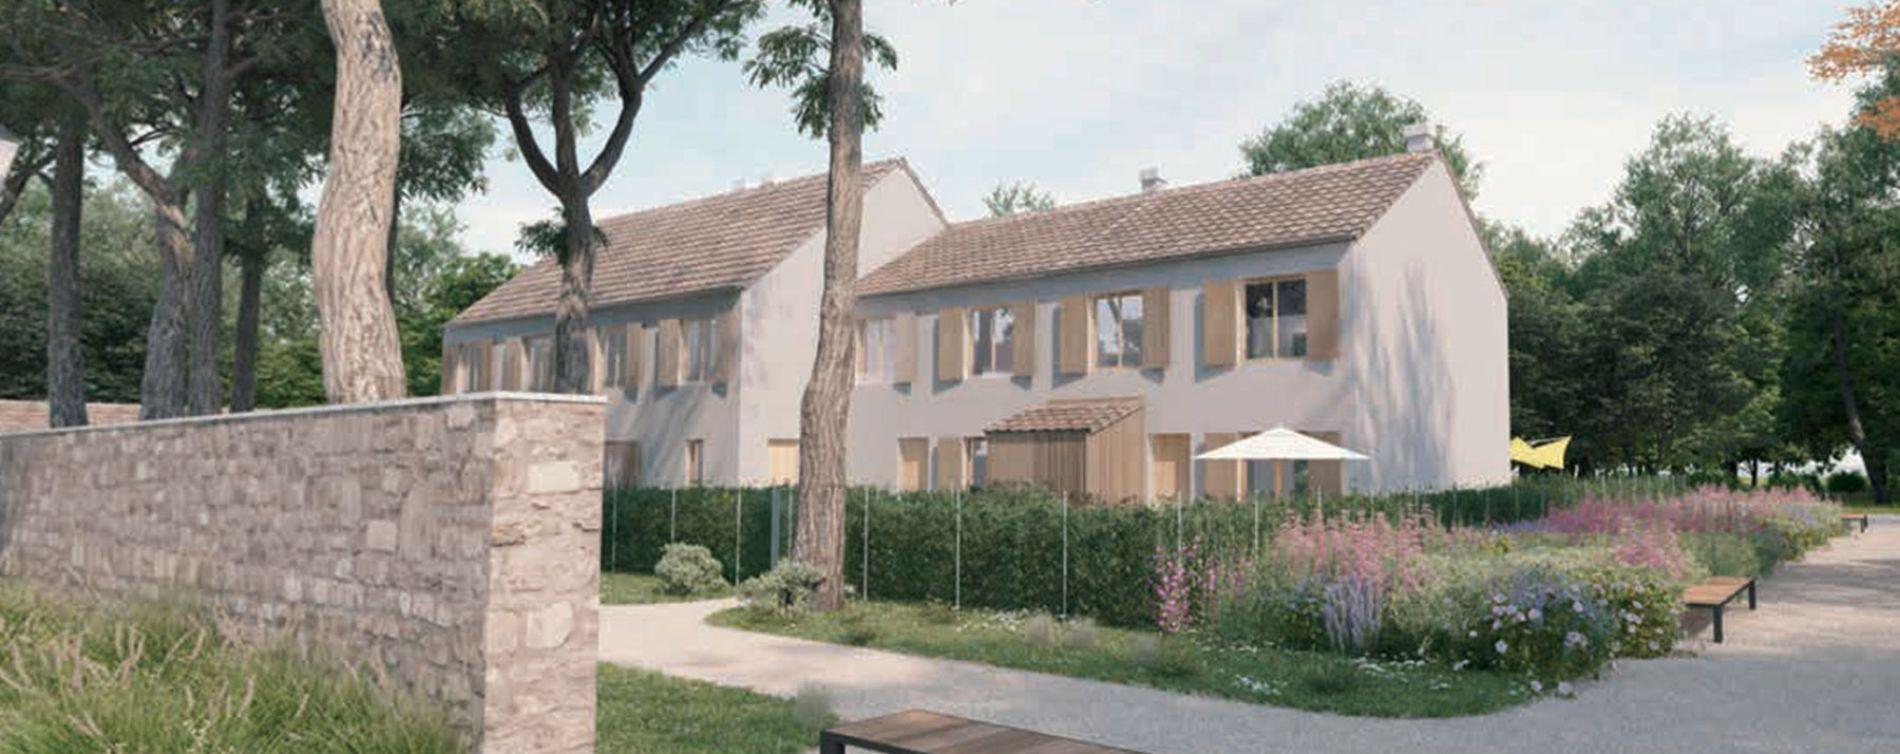 Résidence Le Clos Dalibard à Marly-la-Ville